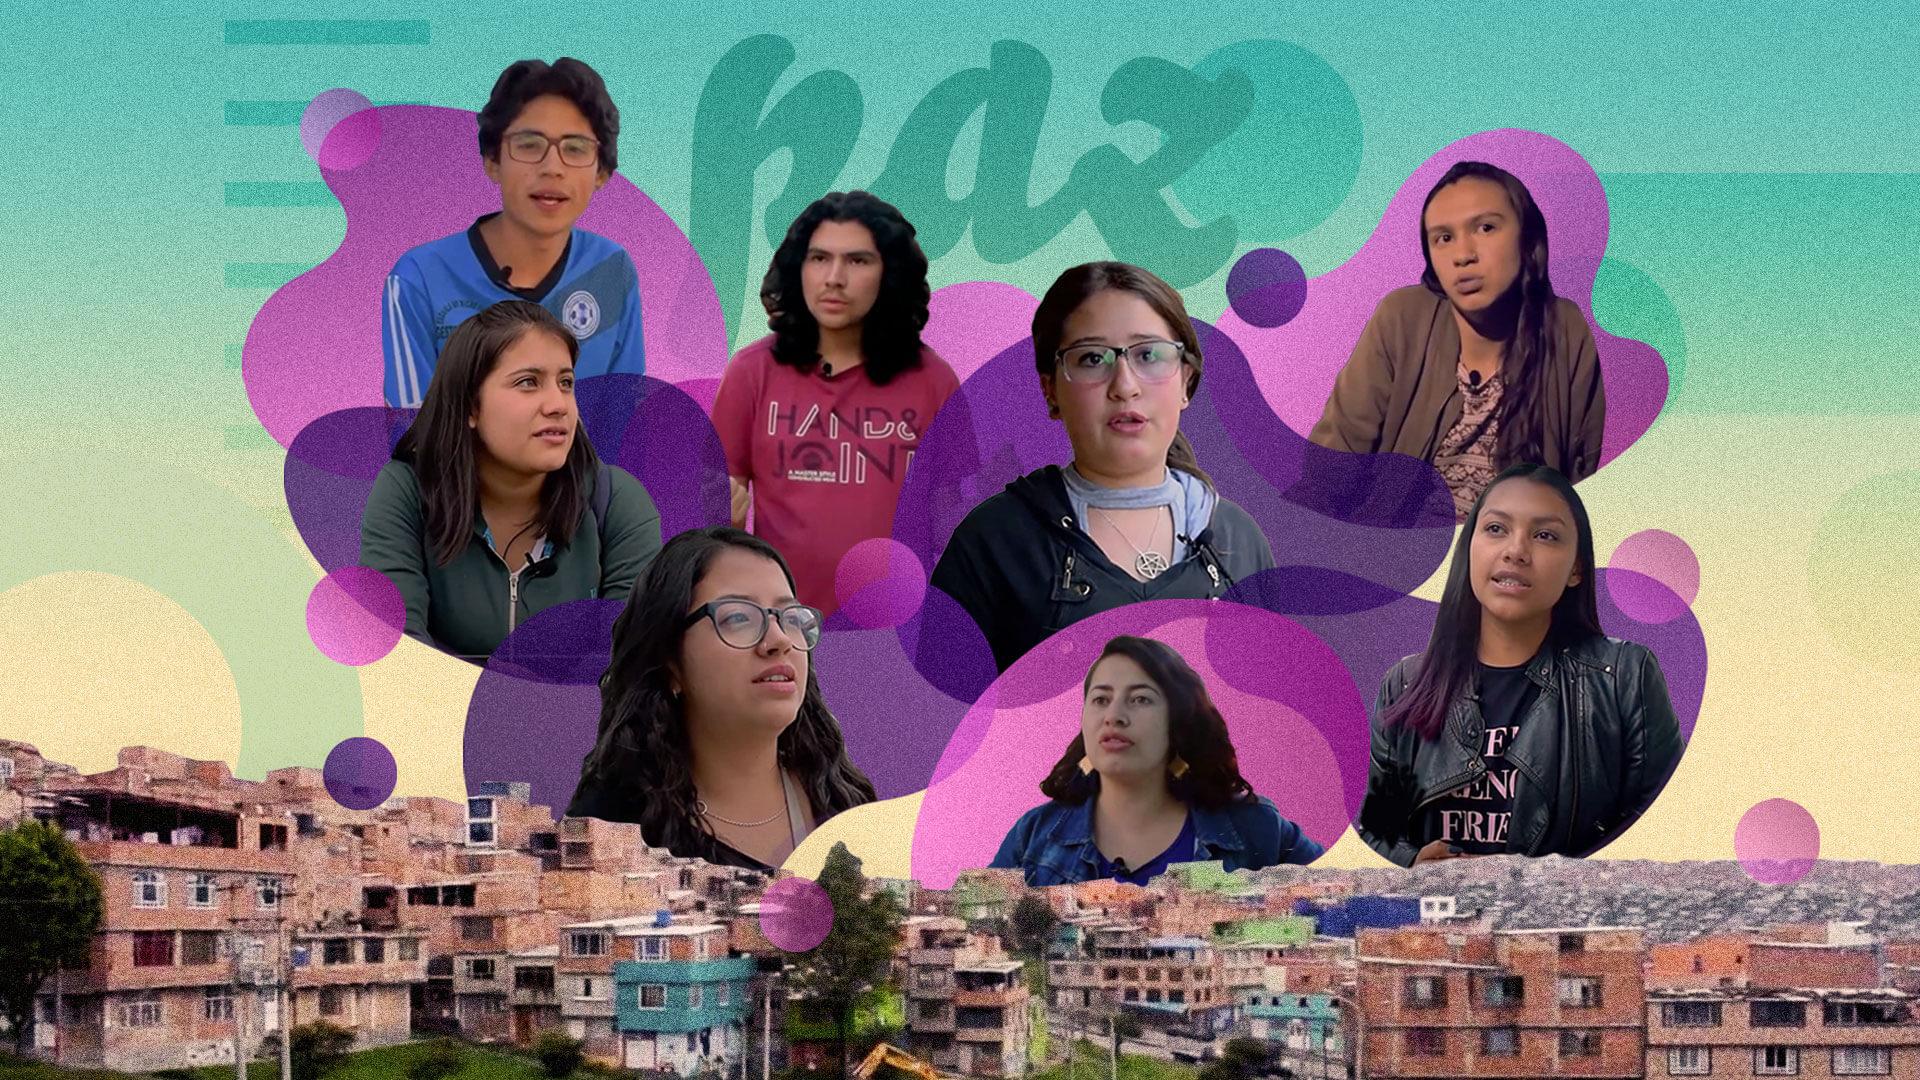 Ser joven y líder social en Bogotá: una aventura casi invisible